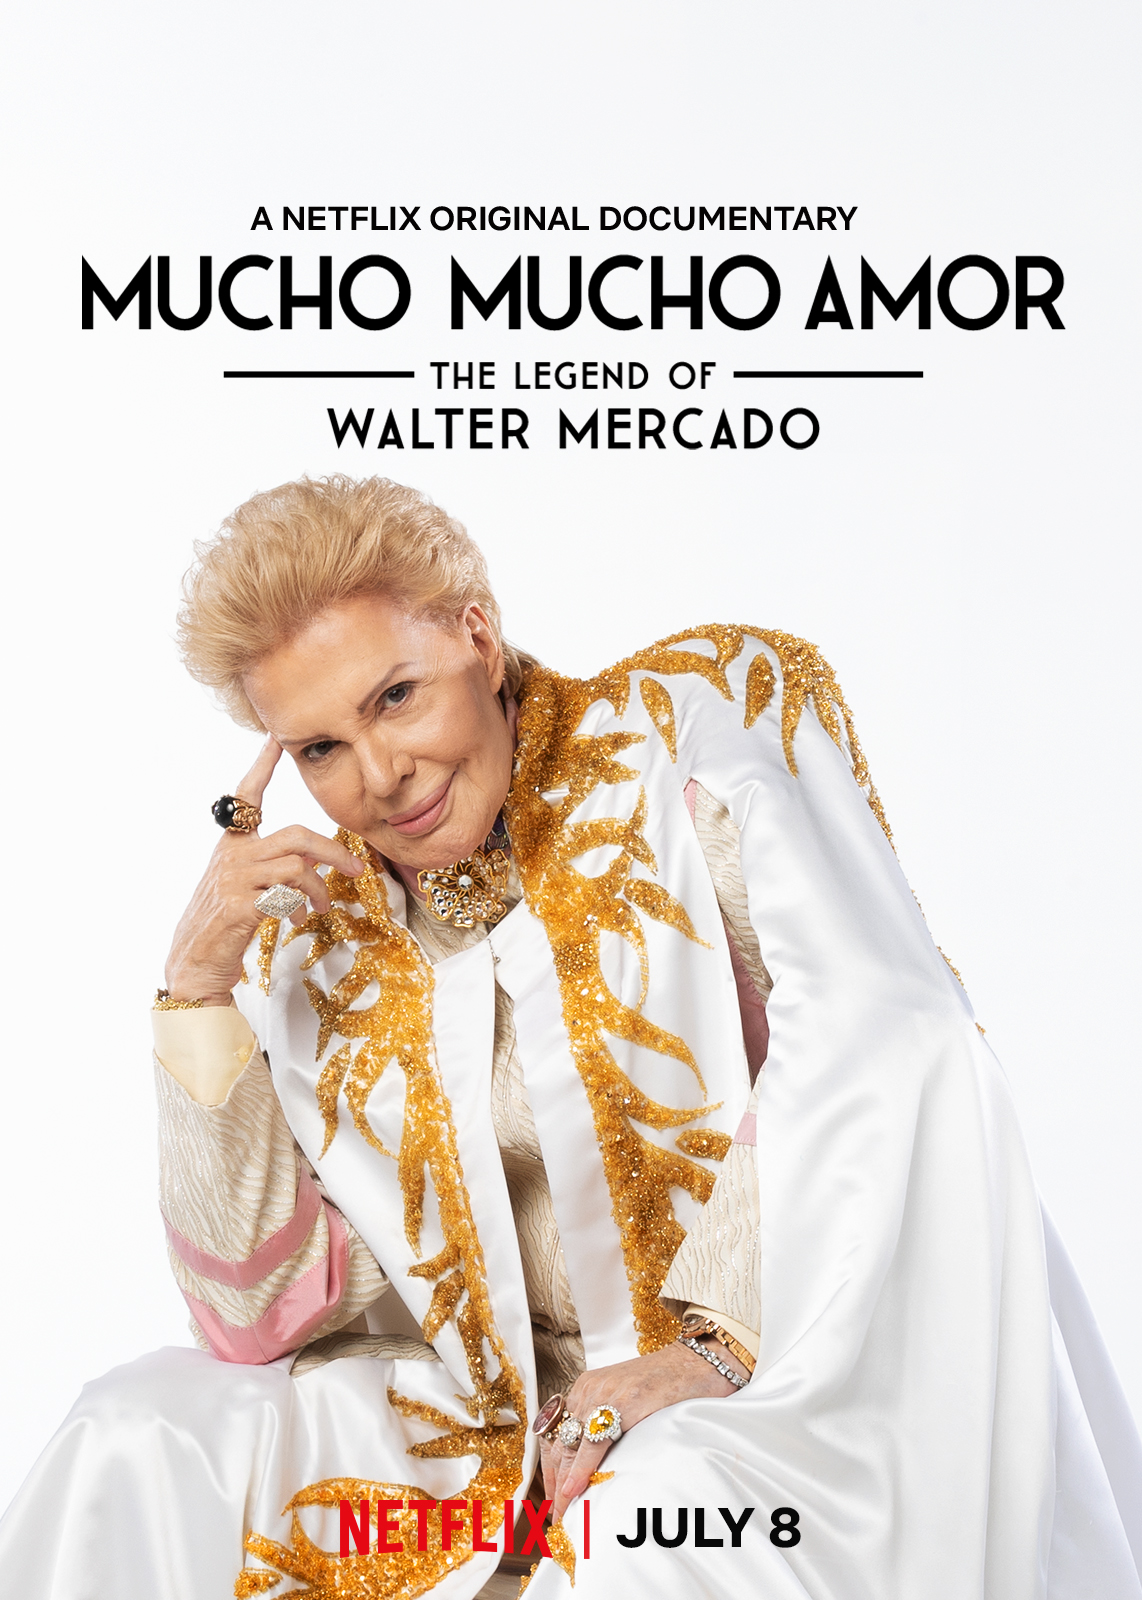 دانلود فیلم Mucho Mucho Amor: The Legend of Walter Mercado موچو موچو آمور: افسانه والتر مرکادو 2020 با زیرنویس چسبیده فارسی